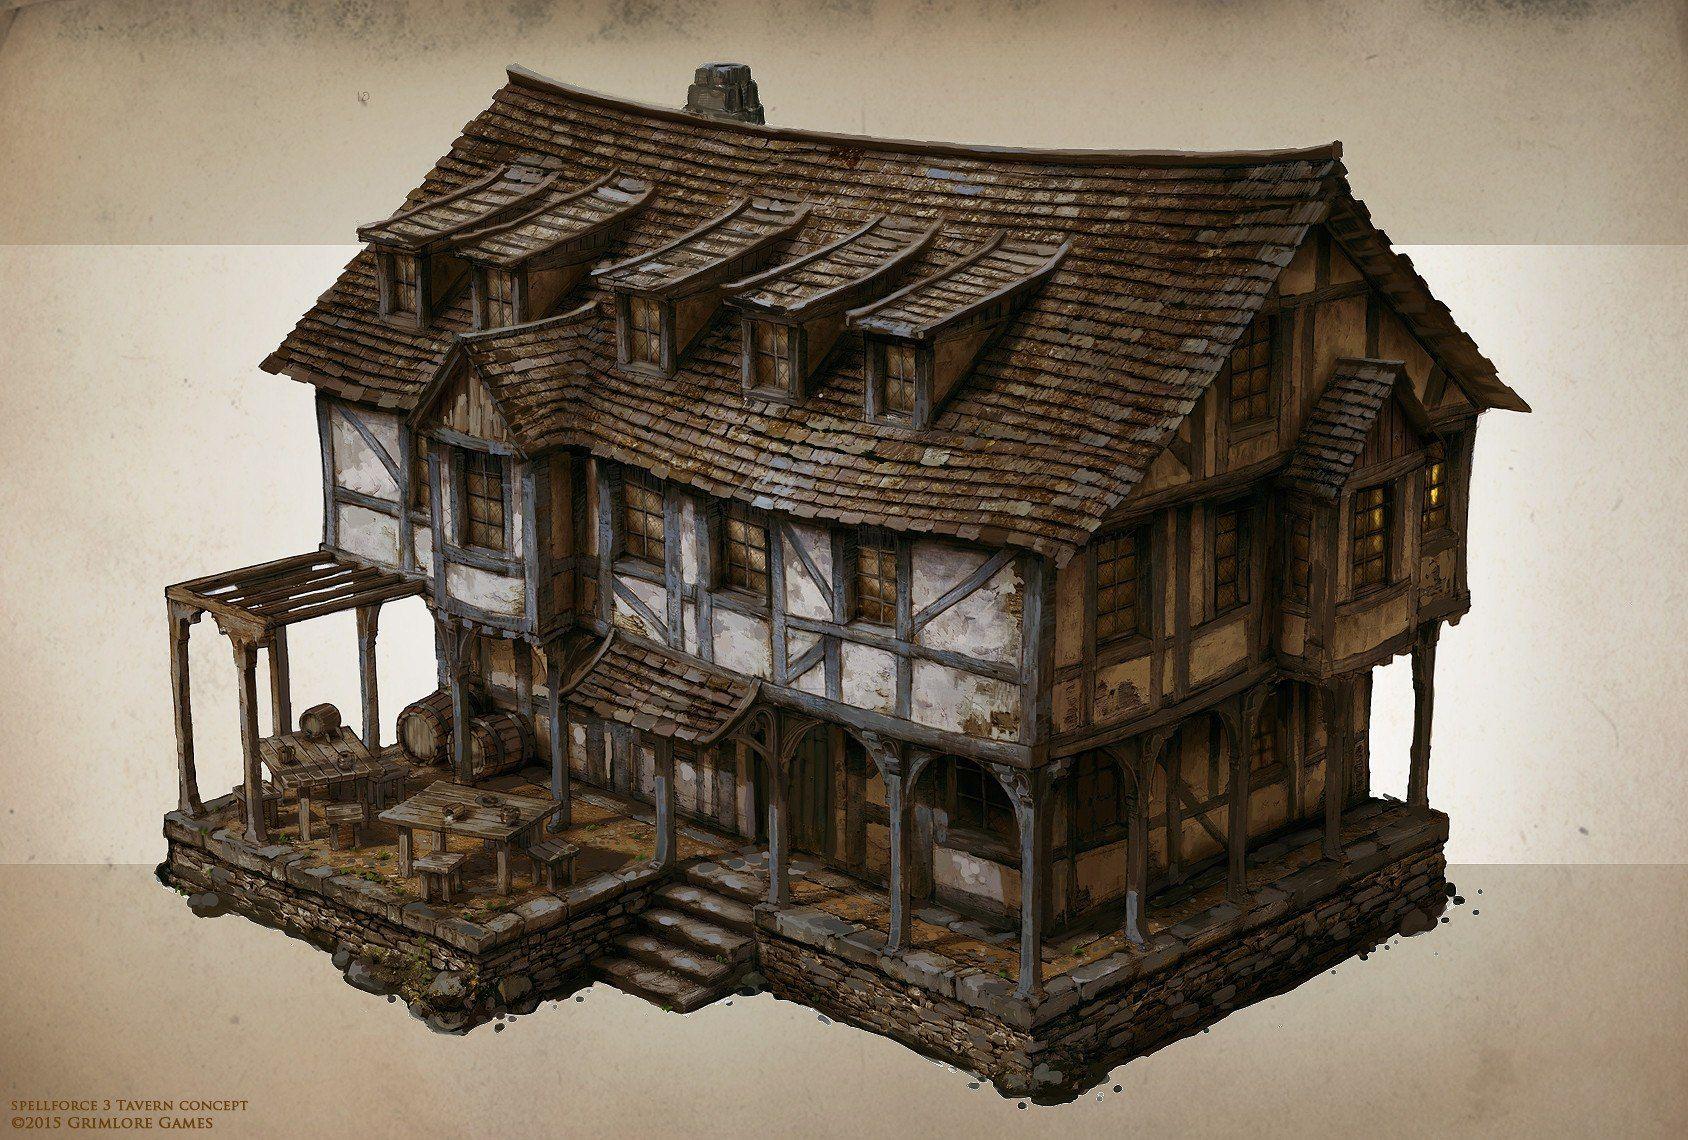 iCONCEPTi iARTi iBuildingi iconcepti Fantasy house iConcepti iarti